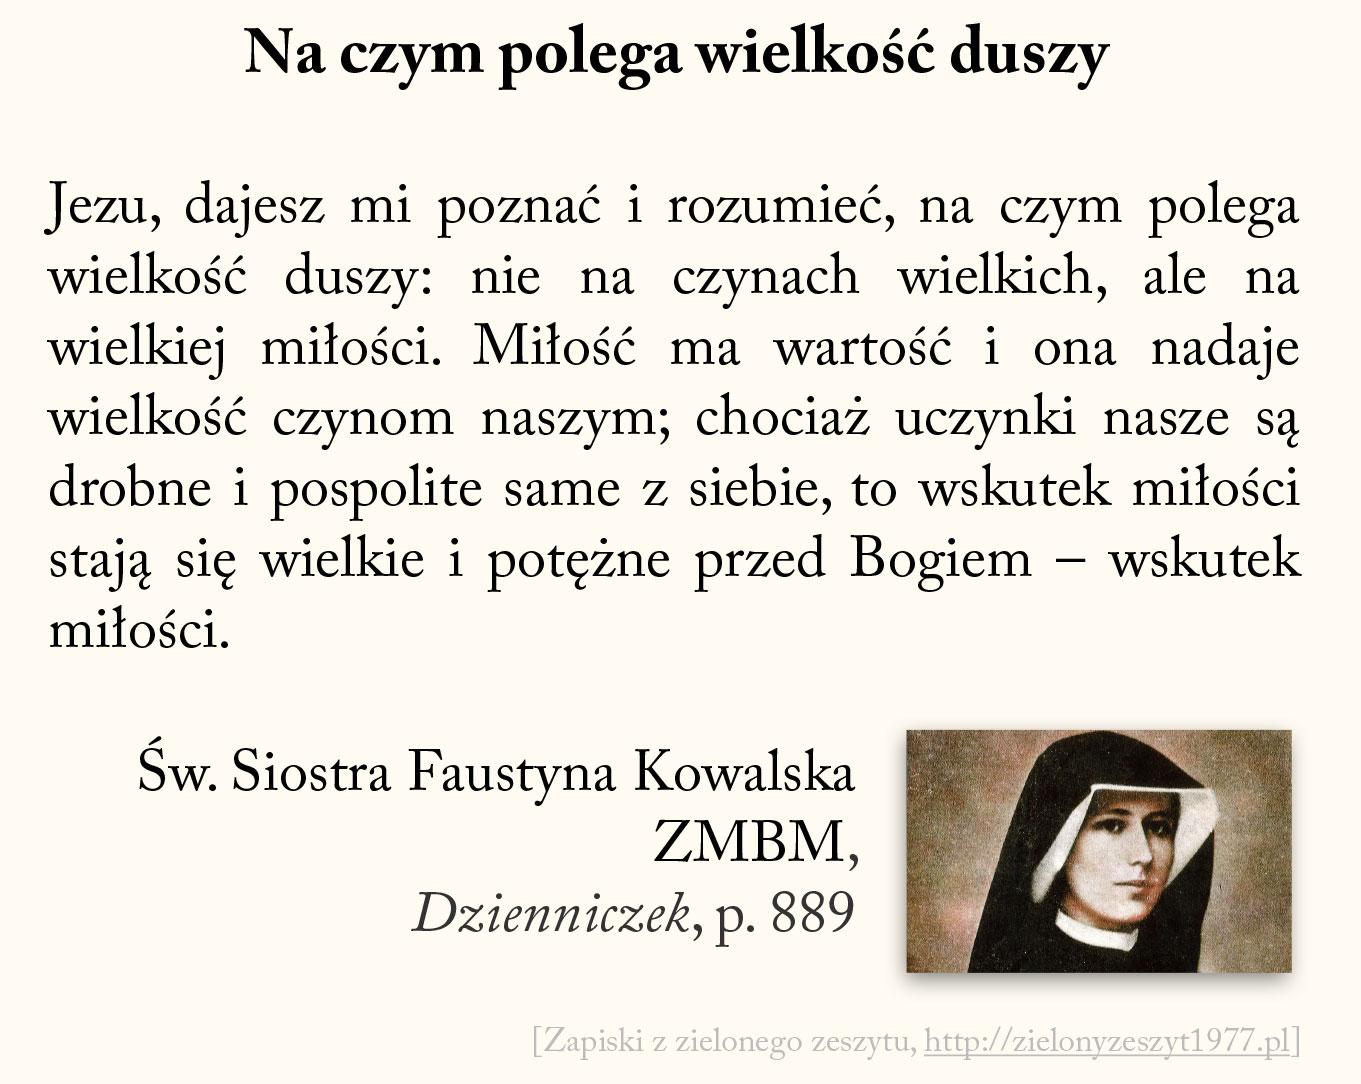 Na czym polega wielkość duszy, św. Faustyna Kowalska